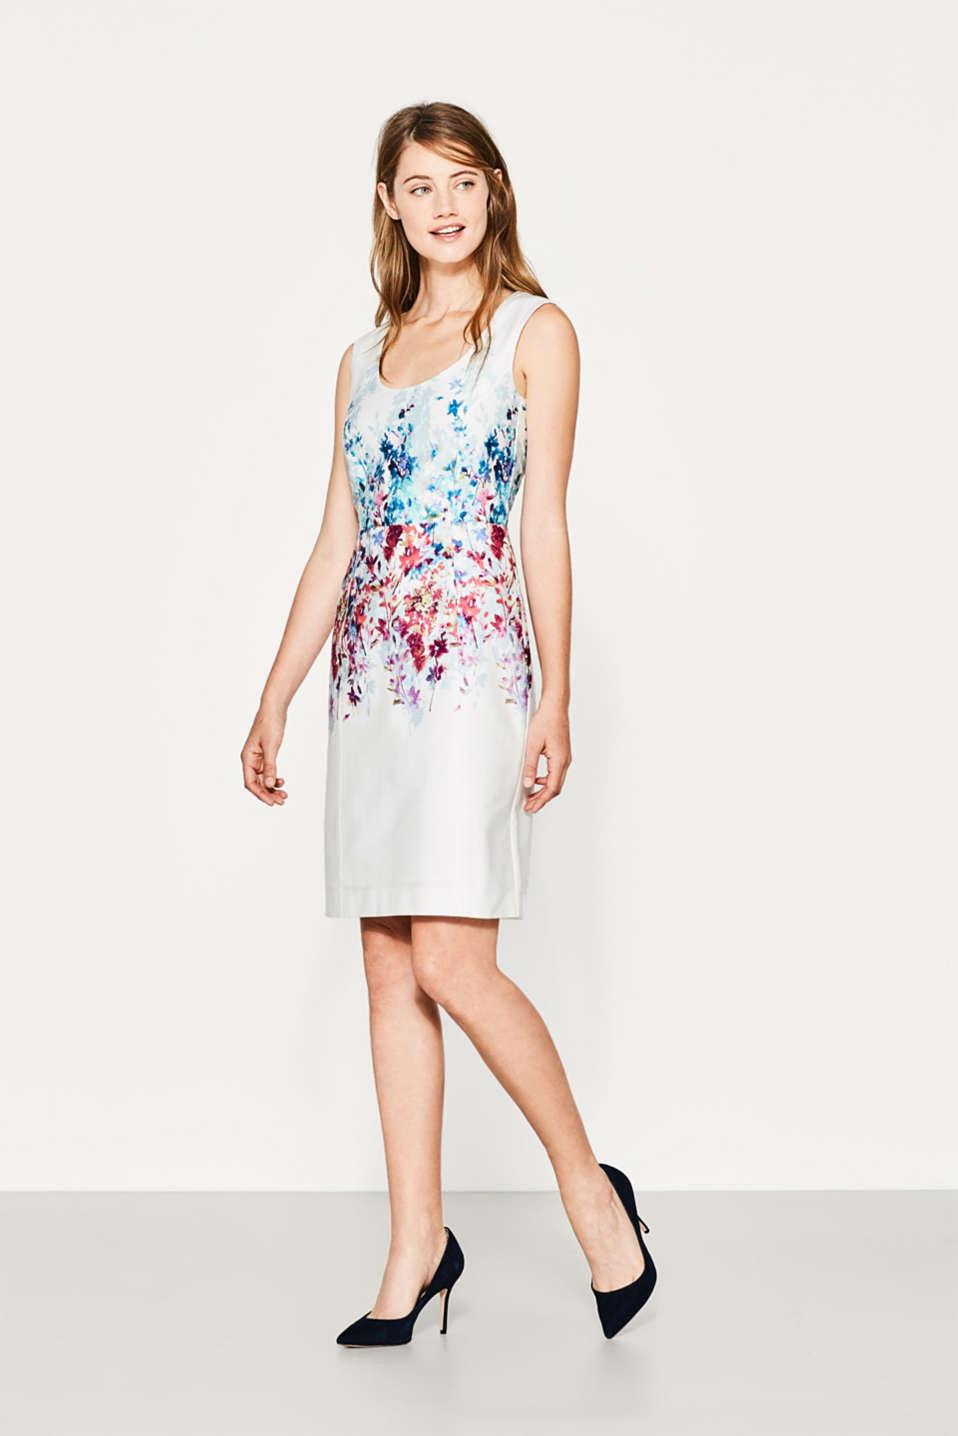 Stretch kleid mit aquarell blumen